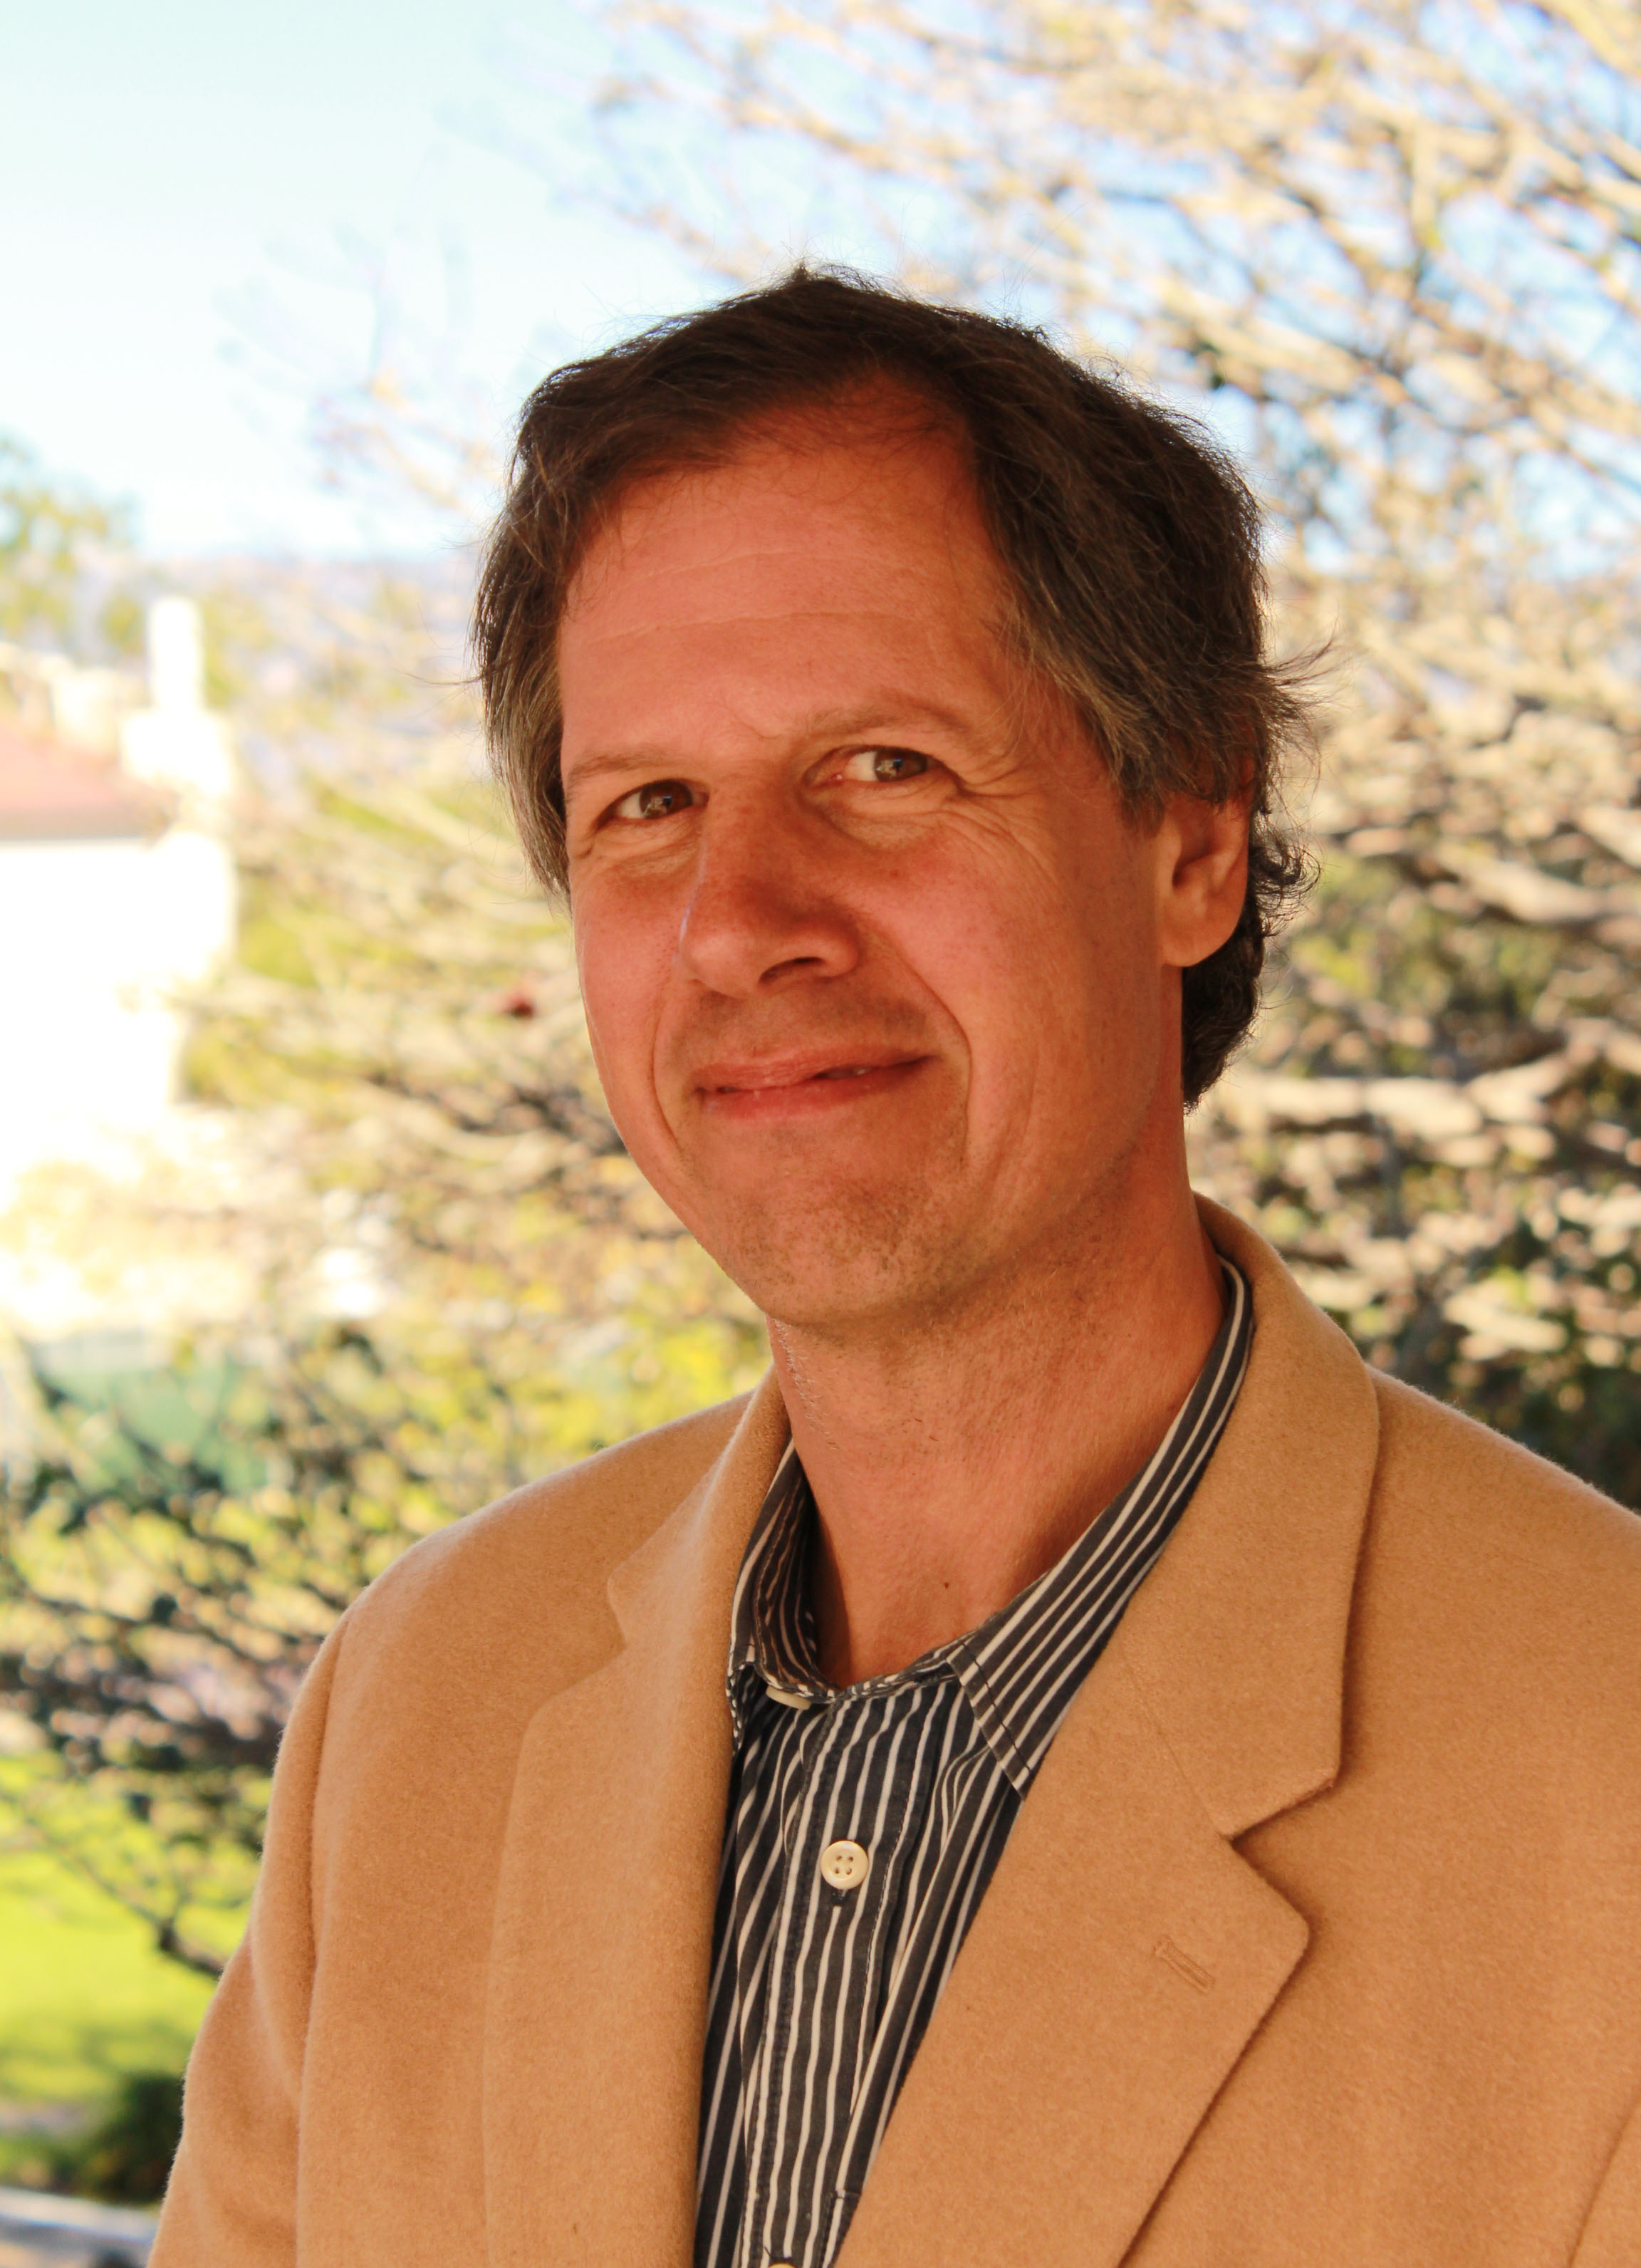 James E. Salzman